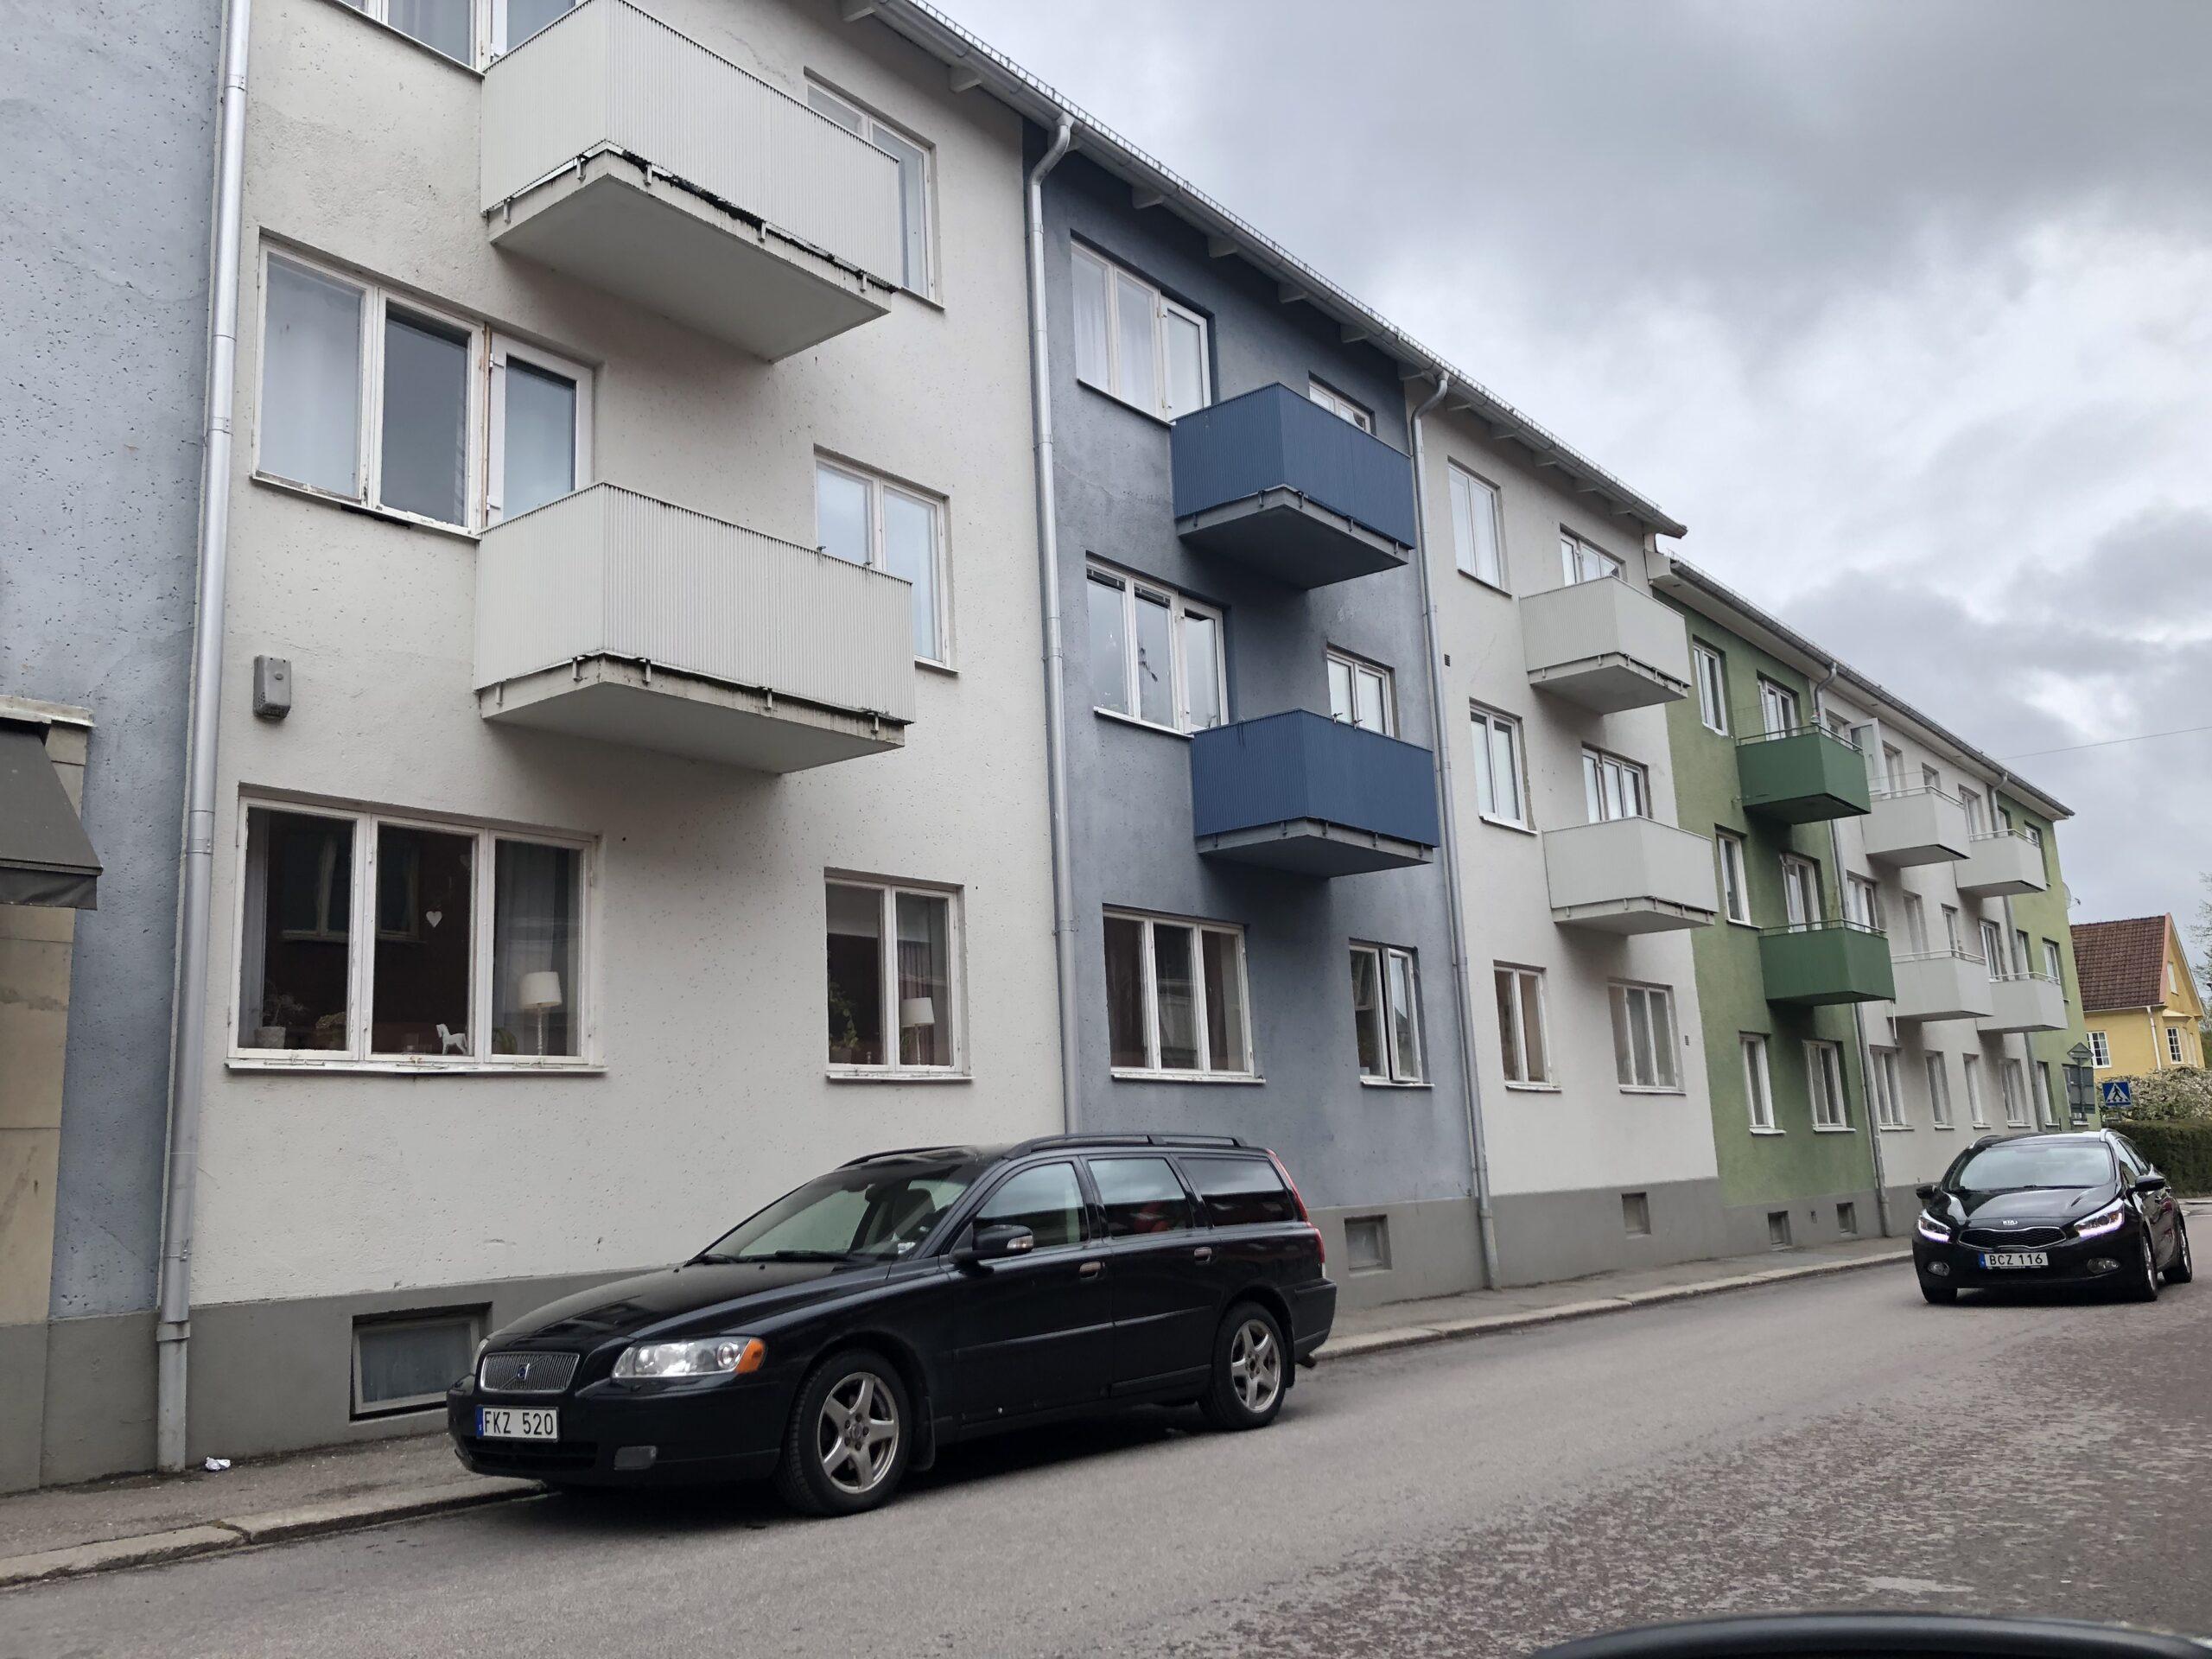 Vackra modernistiska hus i Askersund